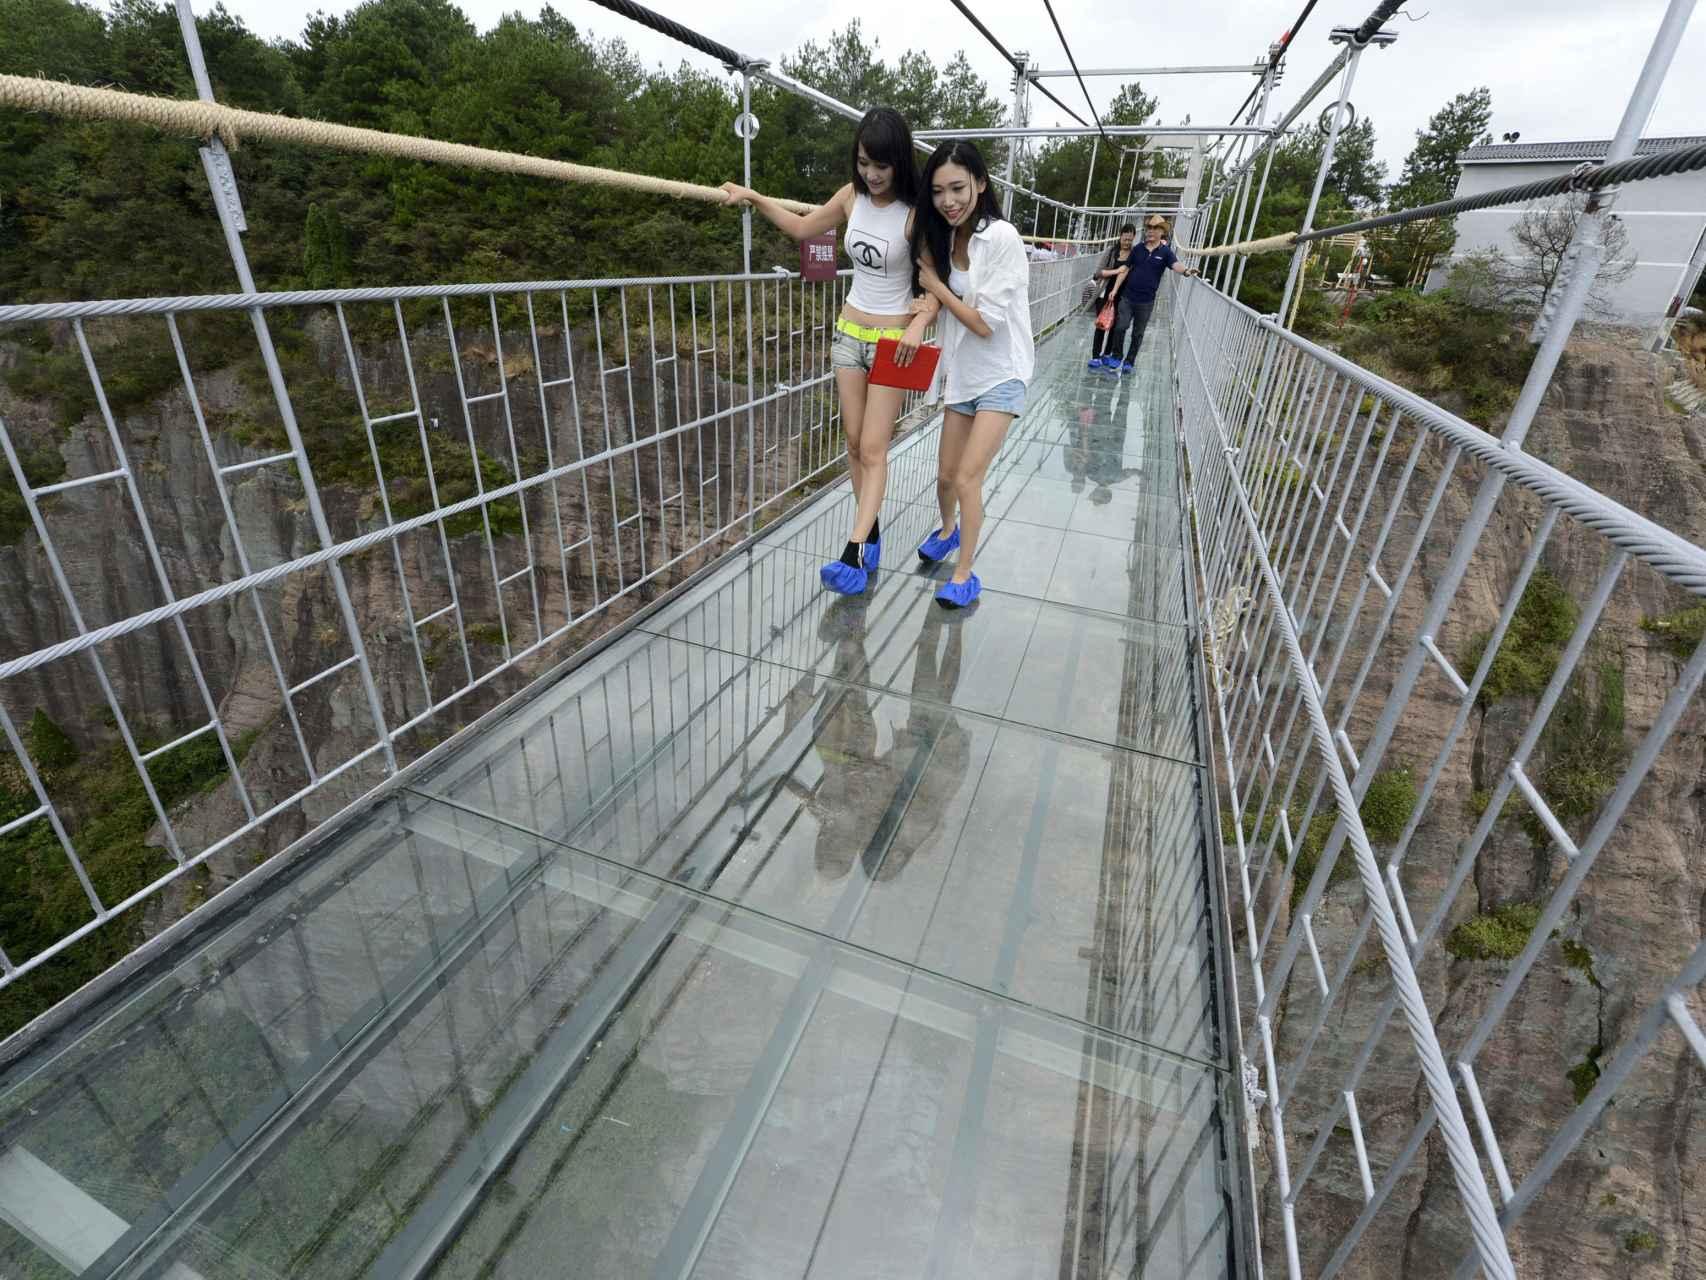 Las estructuras elevadas con suelo de cristal son casi una moda en China.